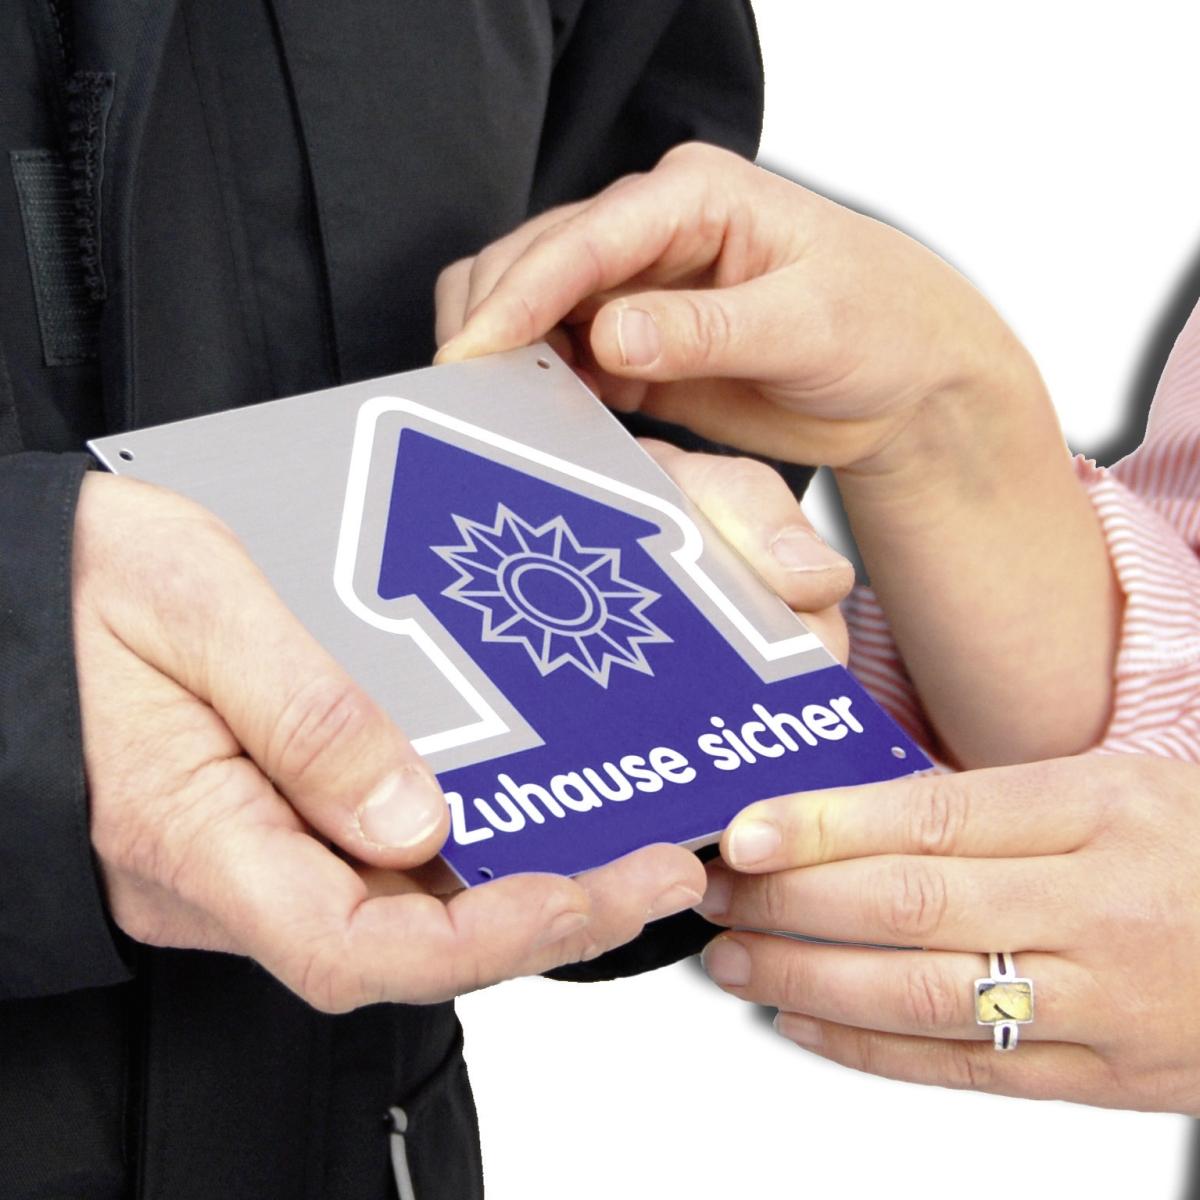 Bildquelle: www.zuhause-sicher.de